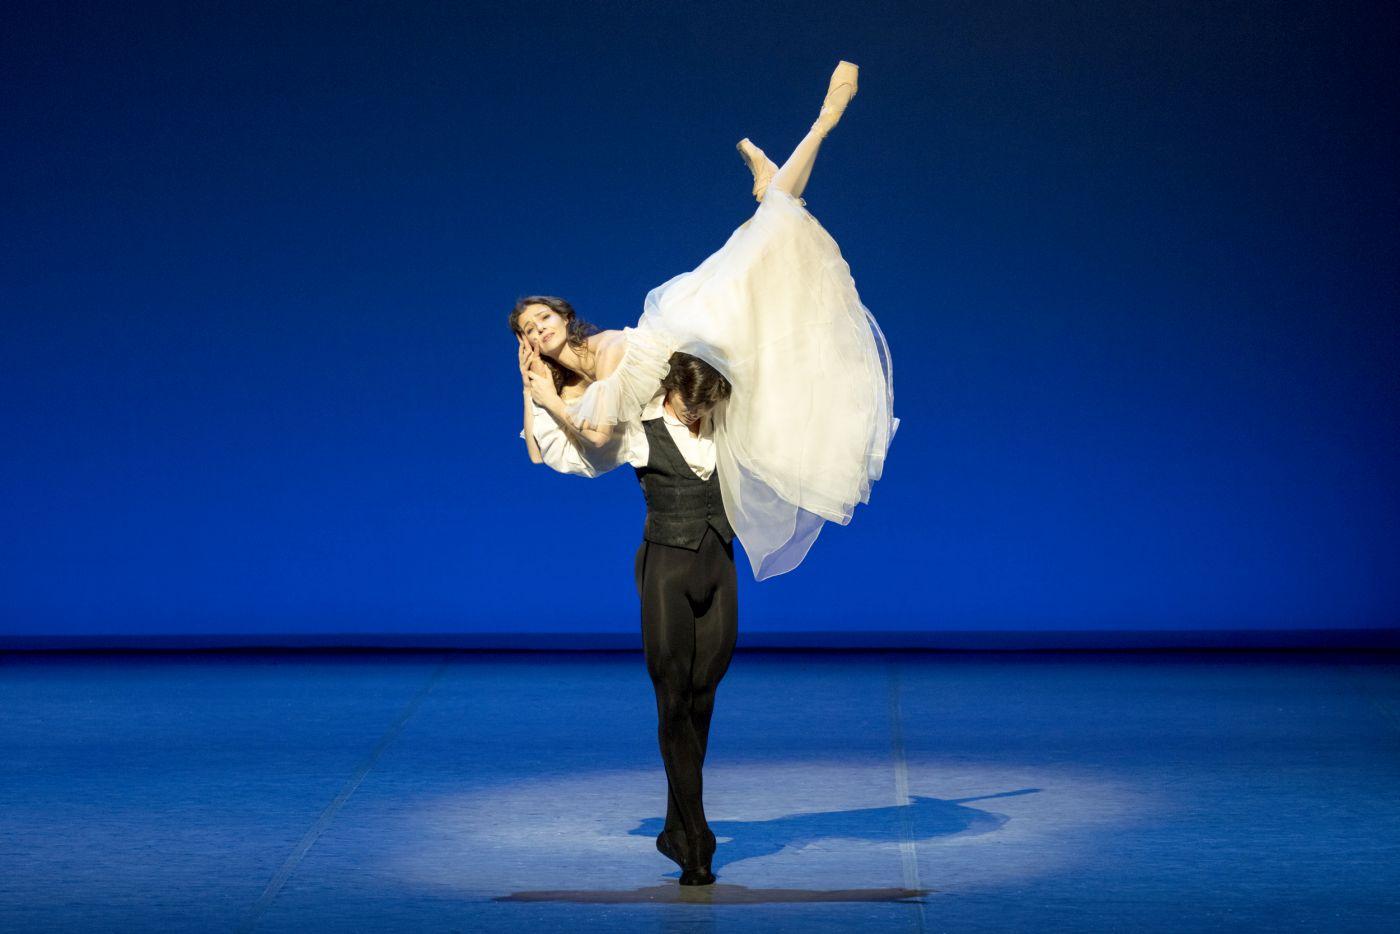 マルグリットとアルマンがふたりで踊るシーン2